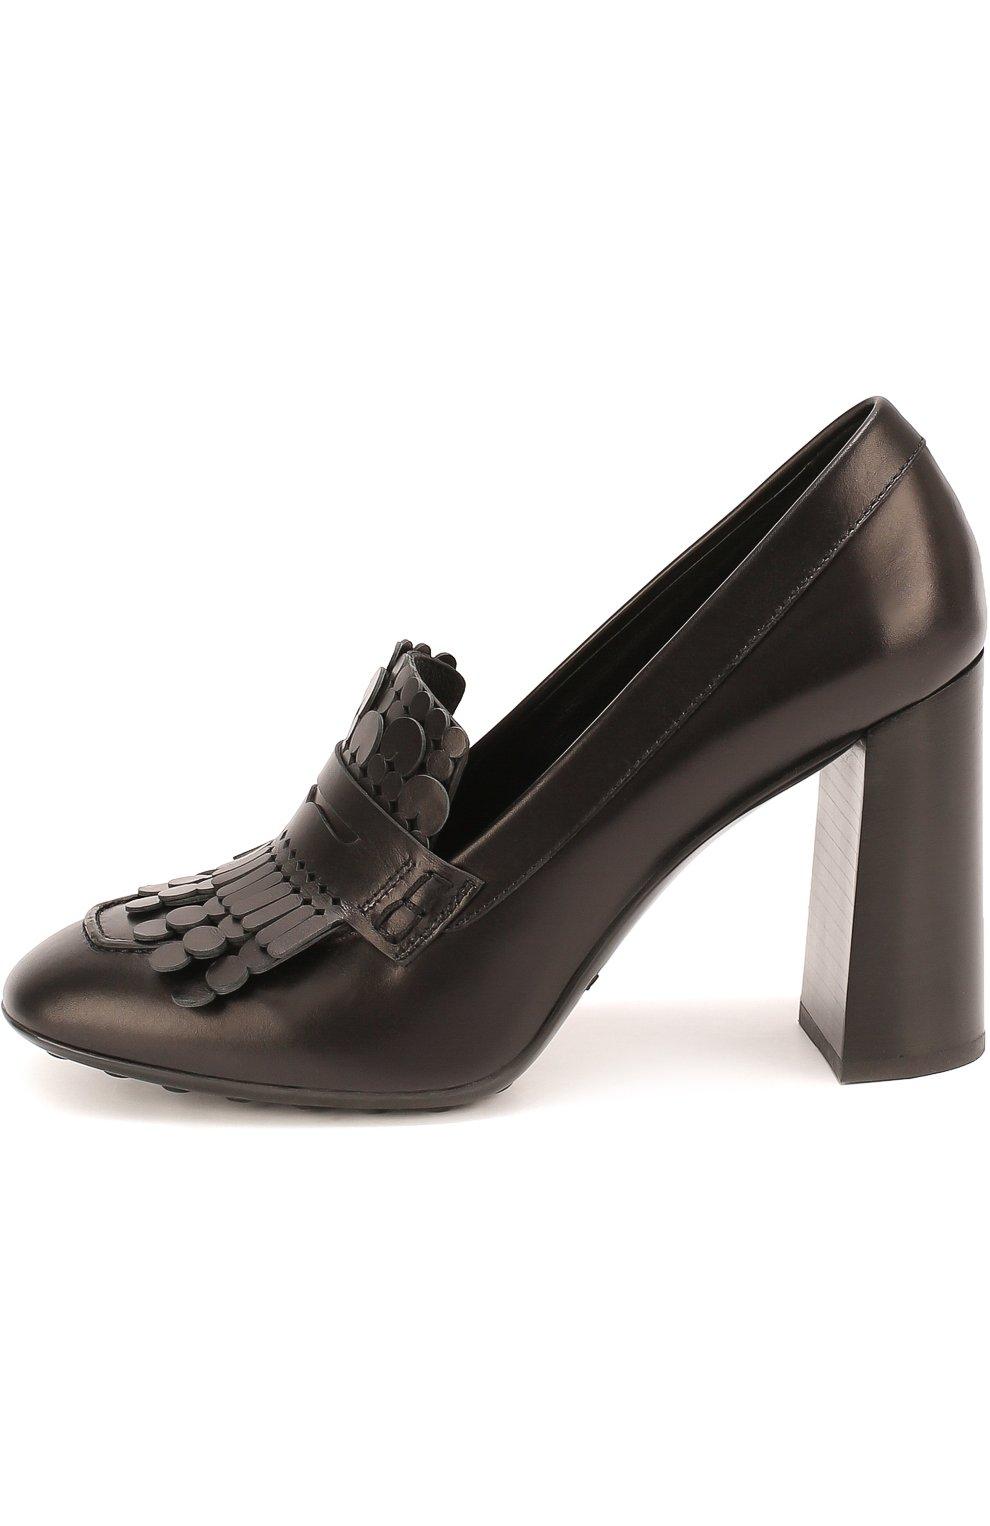 Кожаные туфли Gomma с бахромой Tod's черные | Фото №2